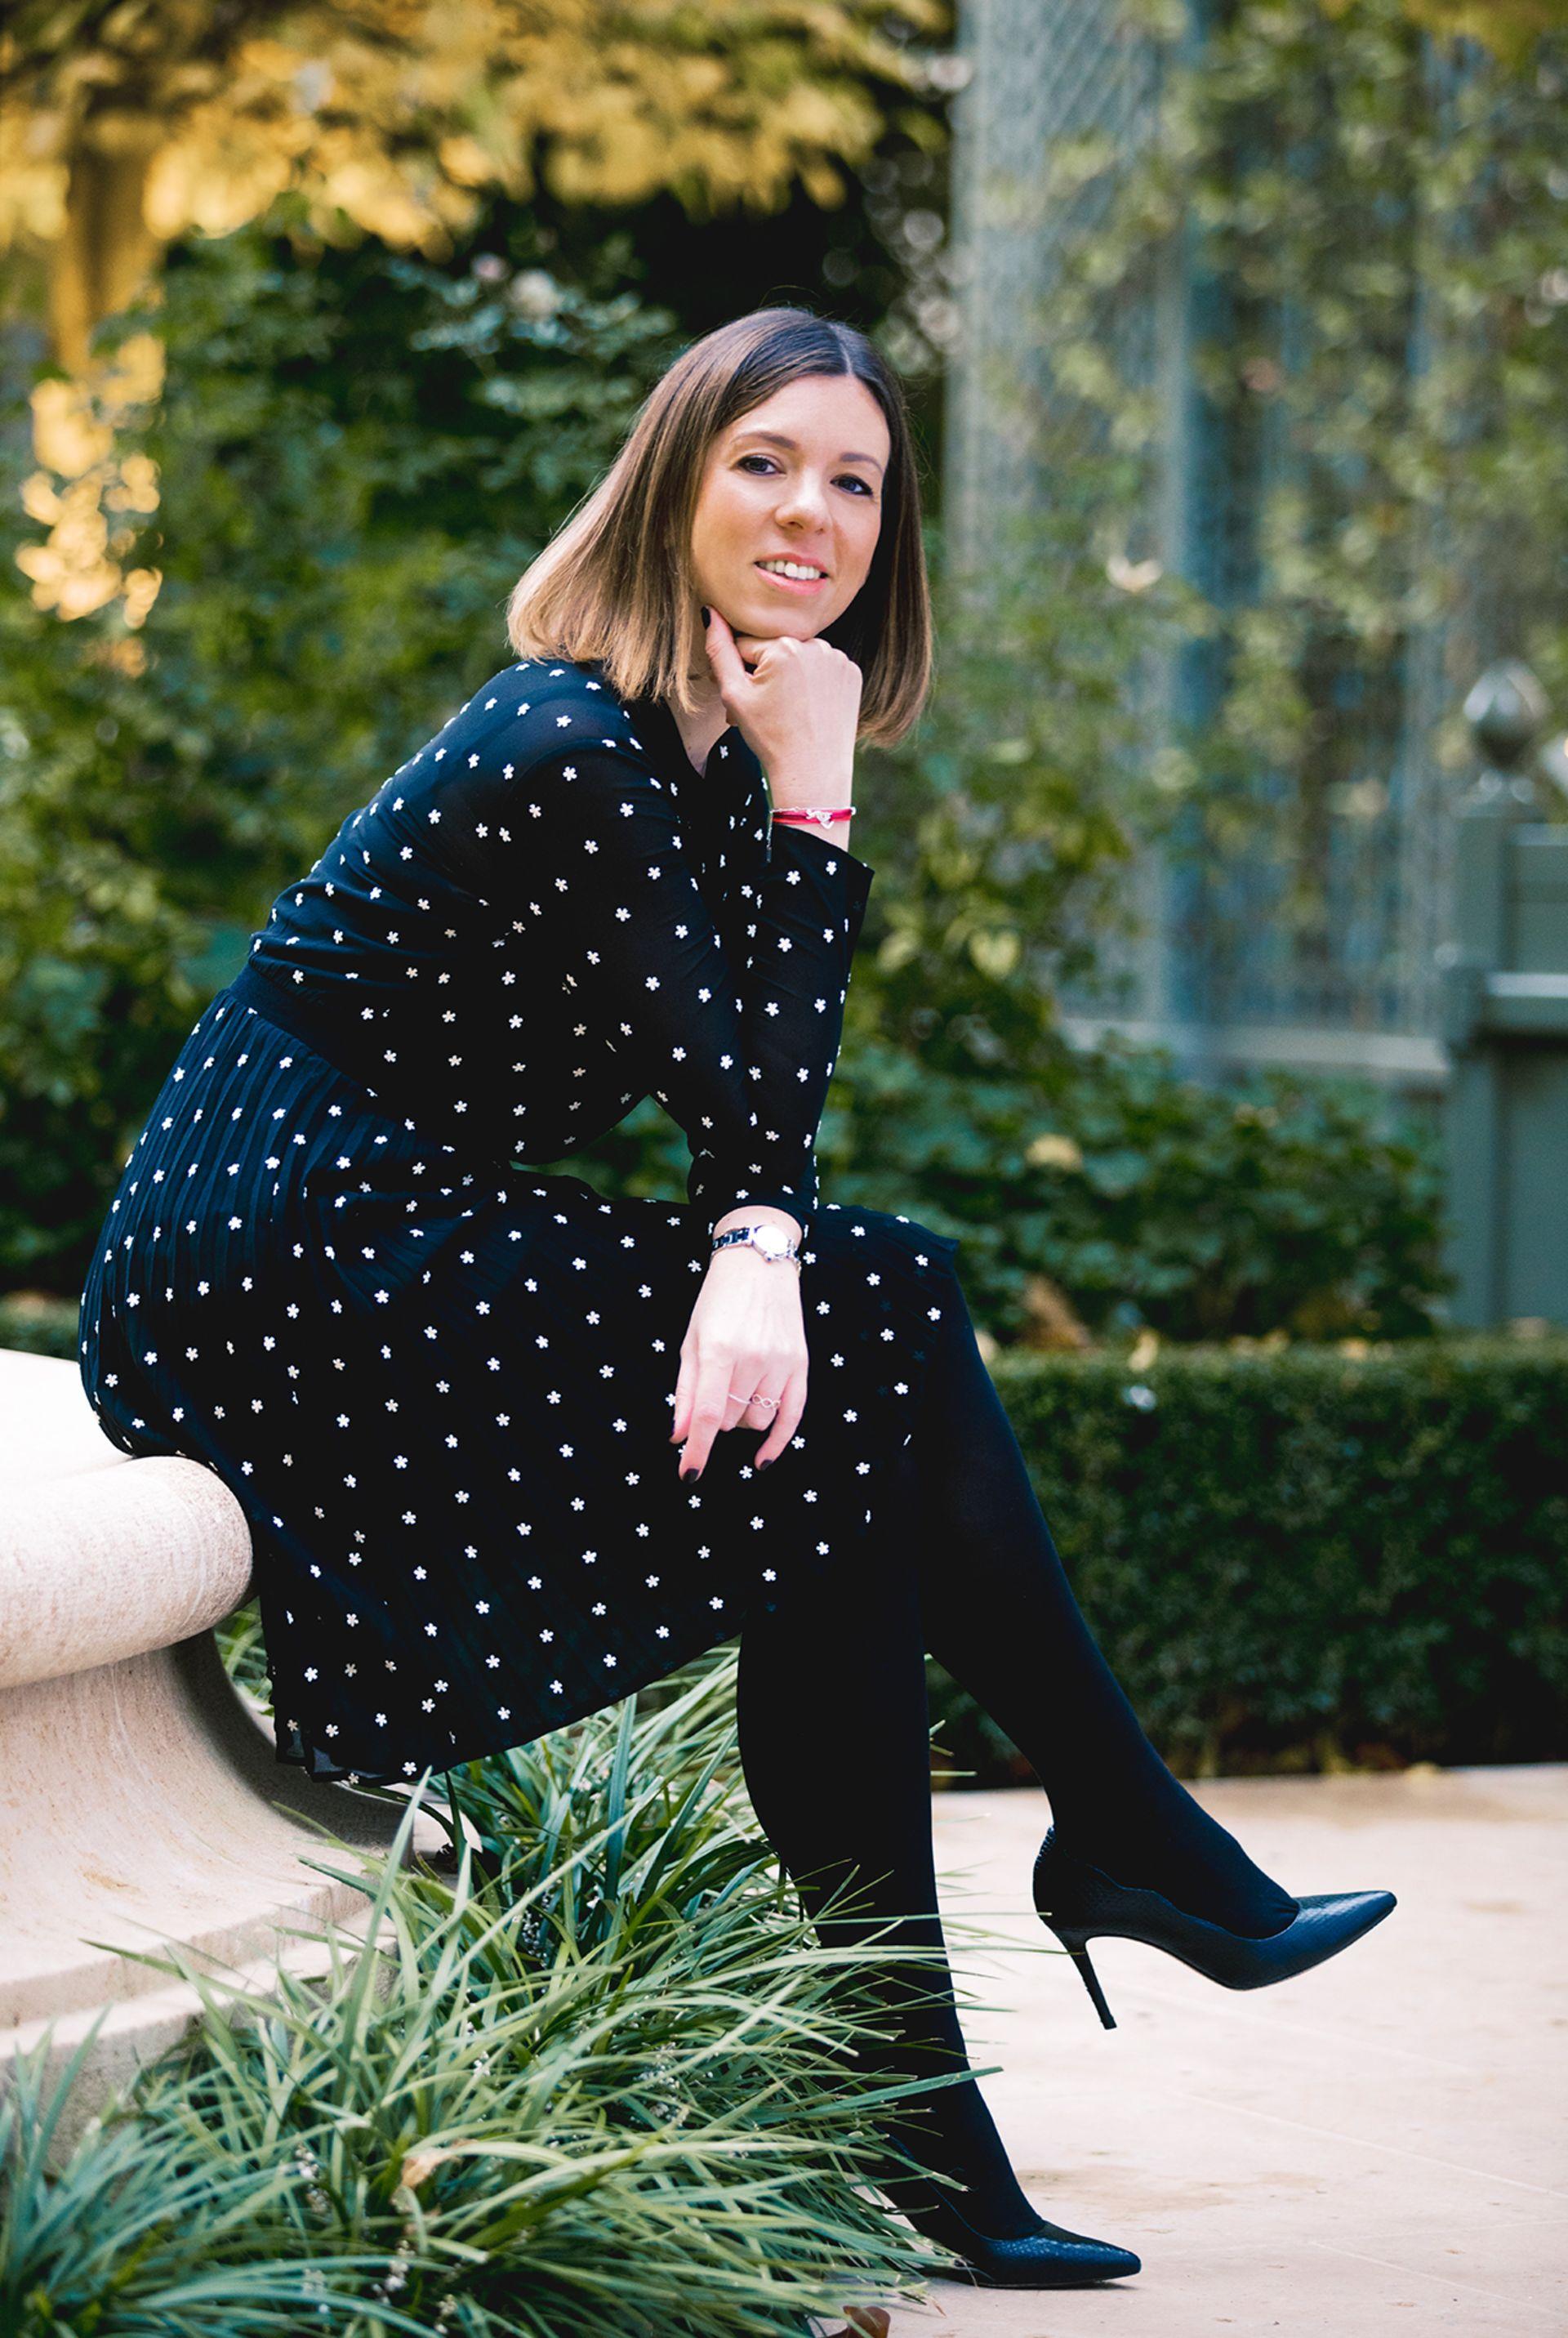 Audrey Beaumann